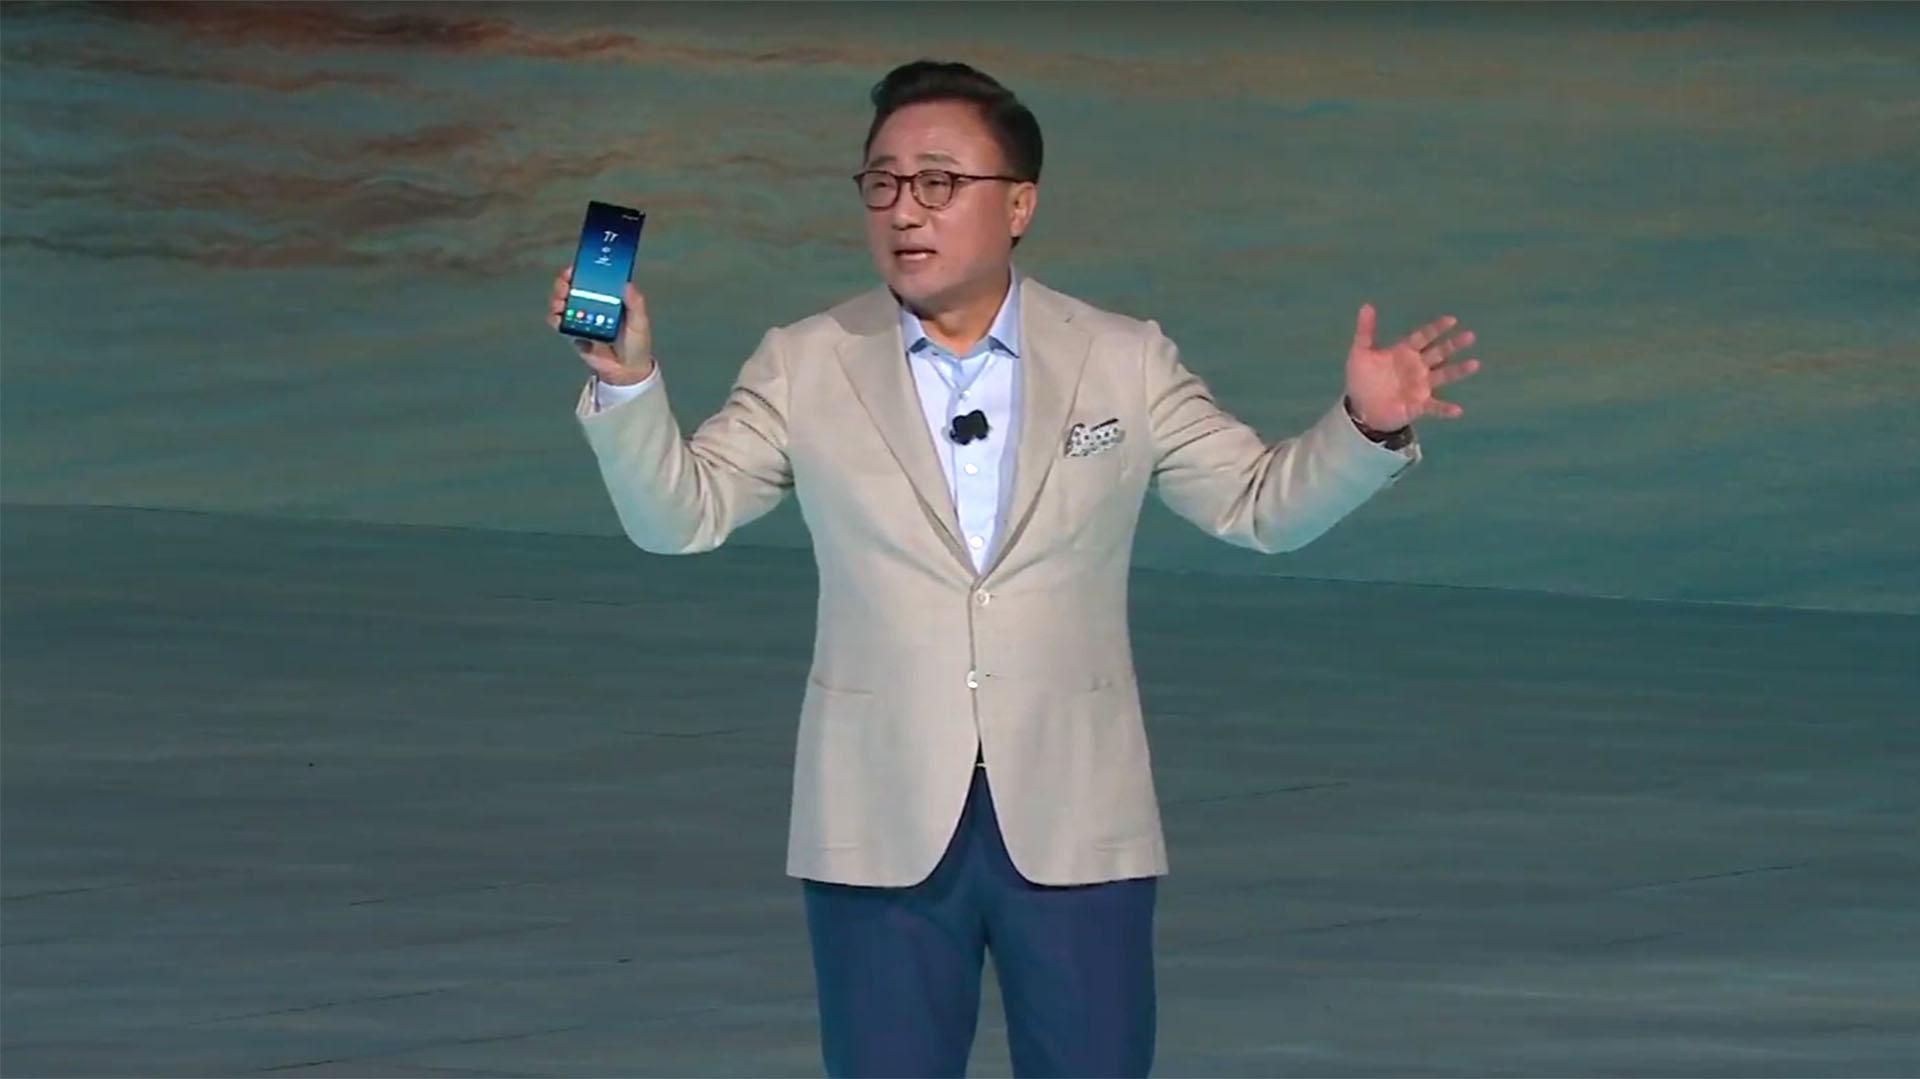 DJ Koh presenta el Galaxy Note 8 por primera vez